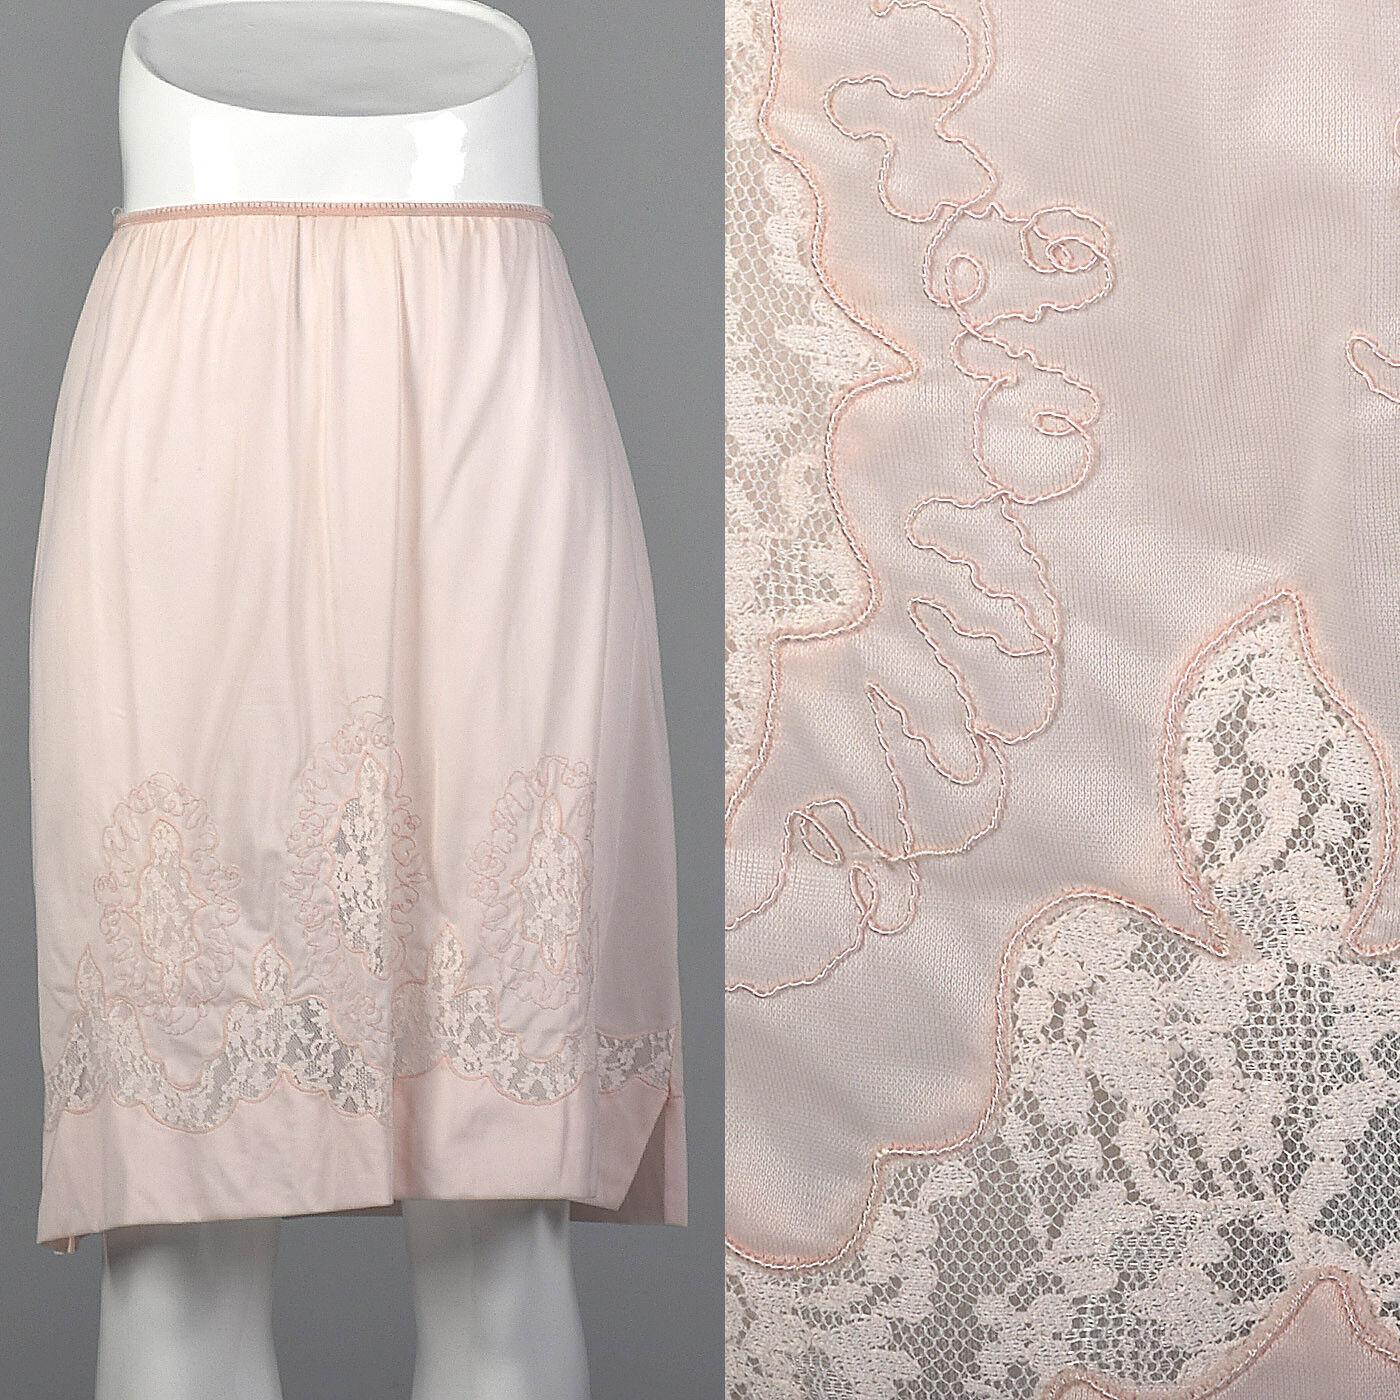 S 1950s Pastel Pink Half Slip Lace Soutache Detail Lingerie Lounge Boudoir 50s